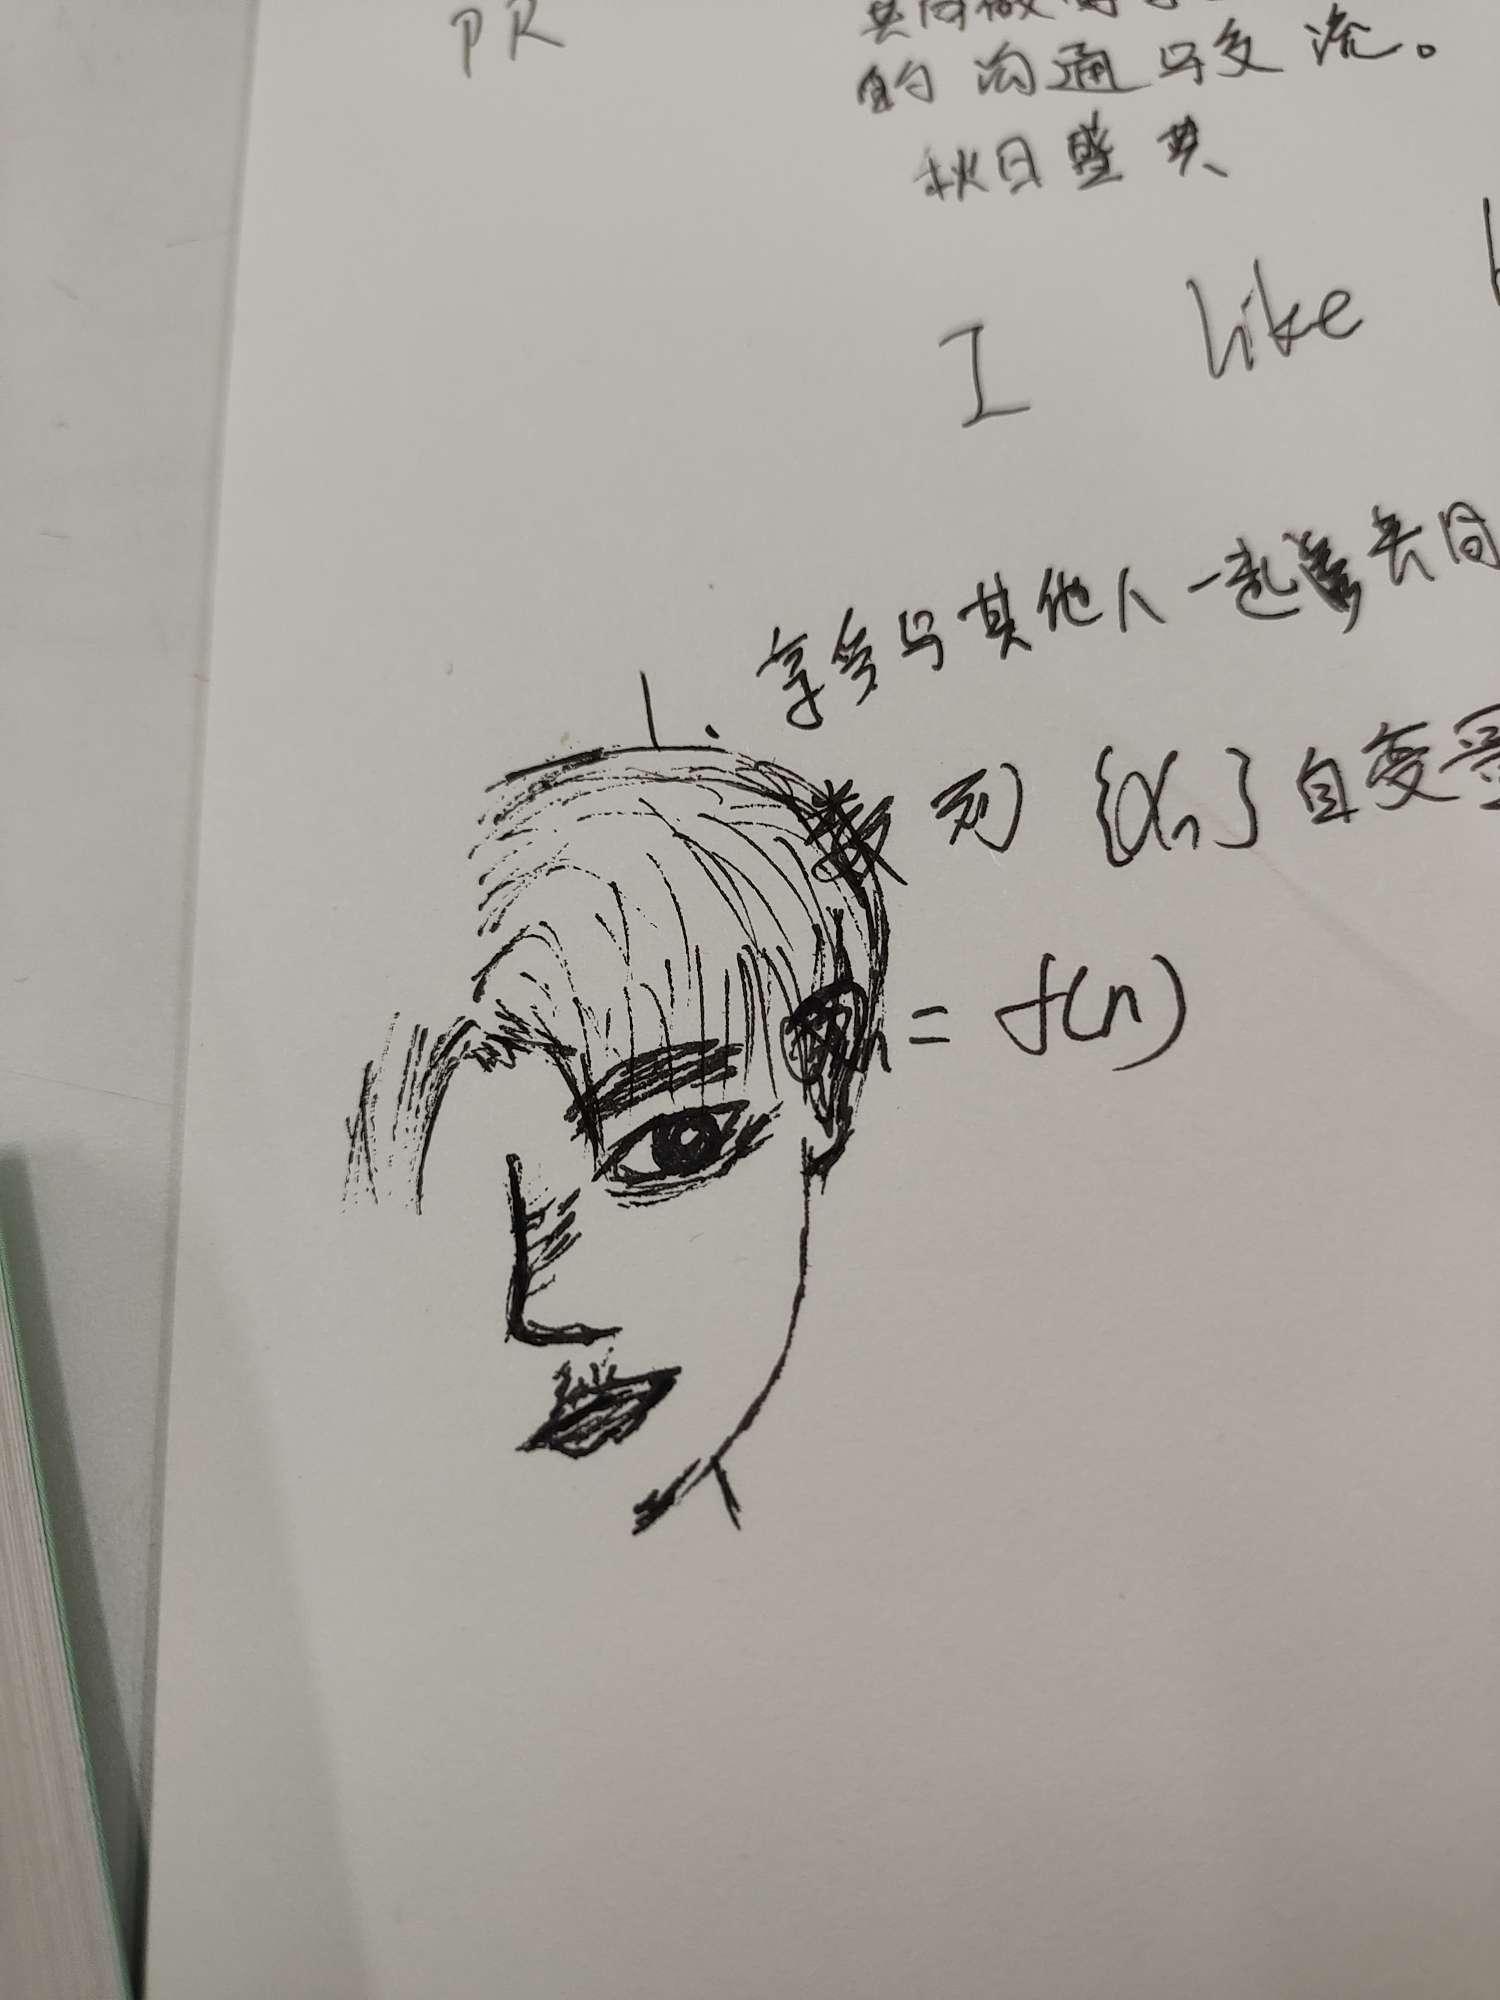 【手绘】我亲爱的(ღ˘⌣˘ღ)